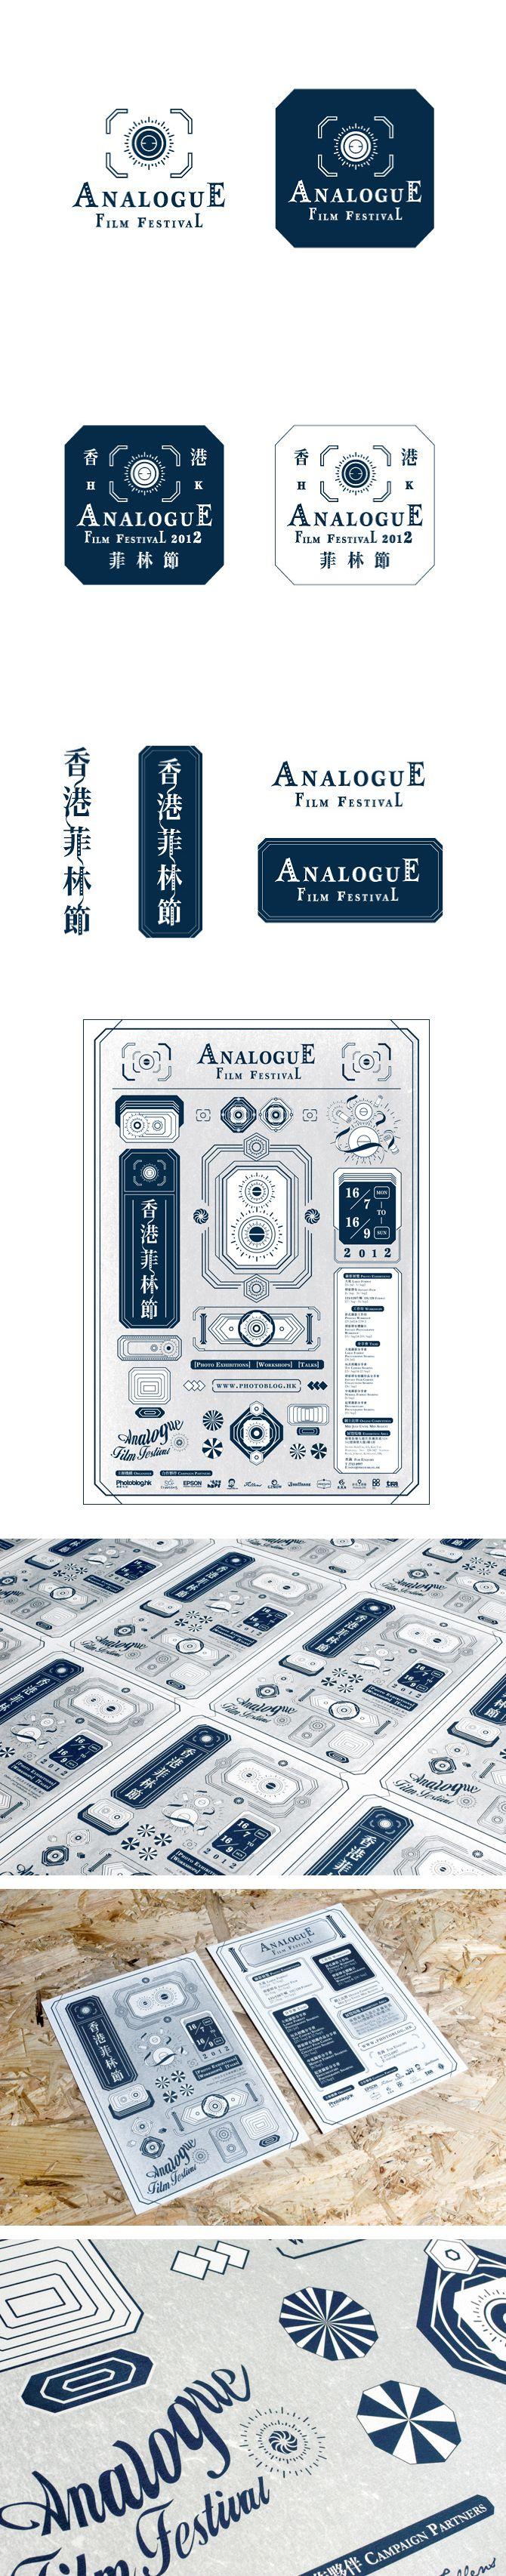 Analogue Film Festival